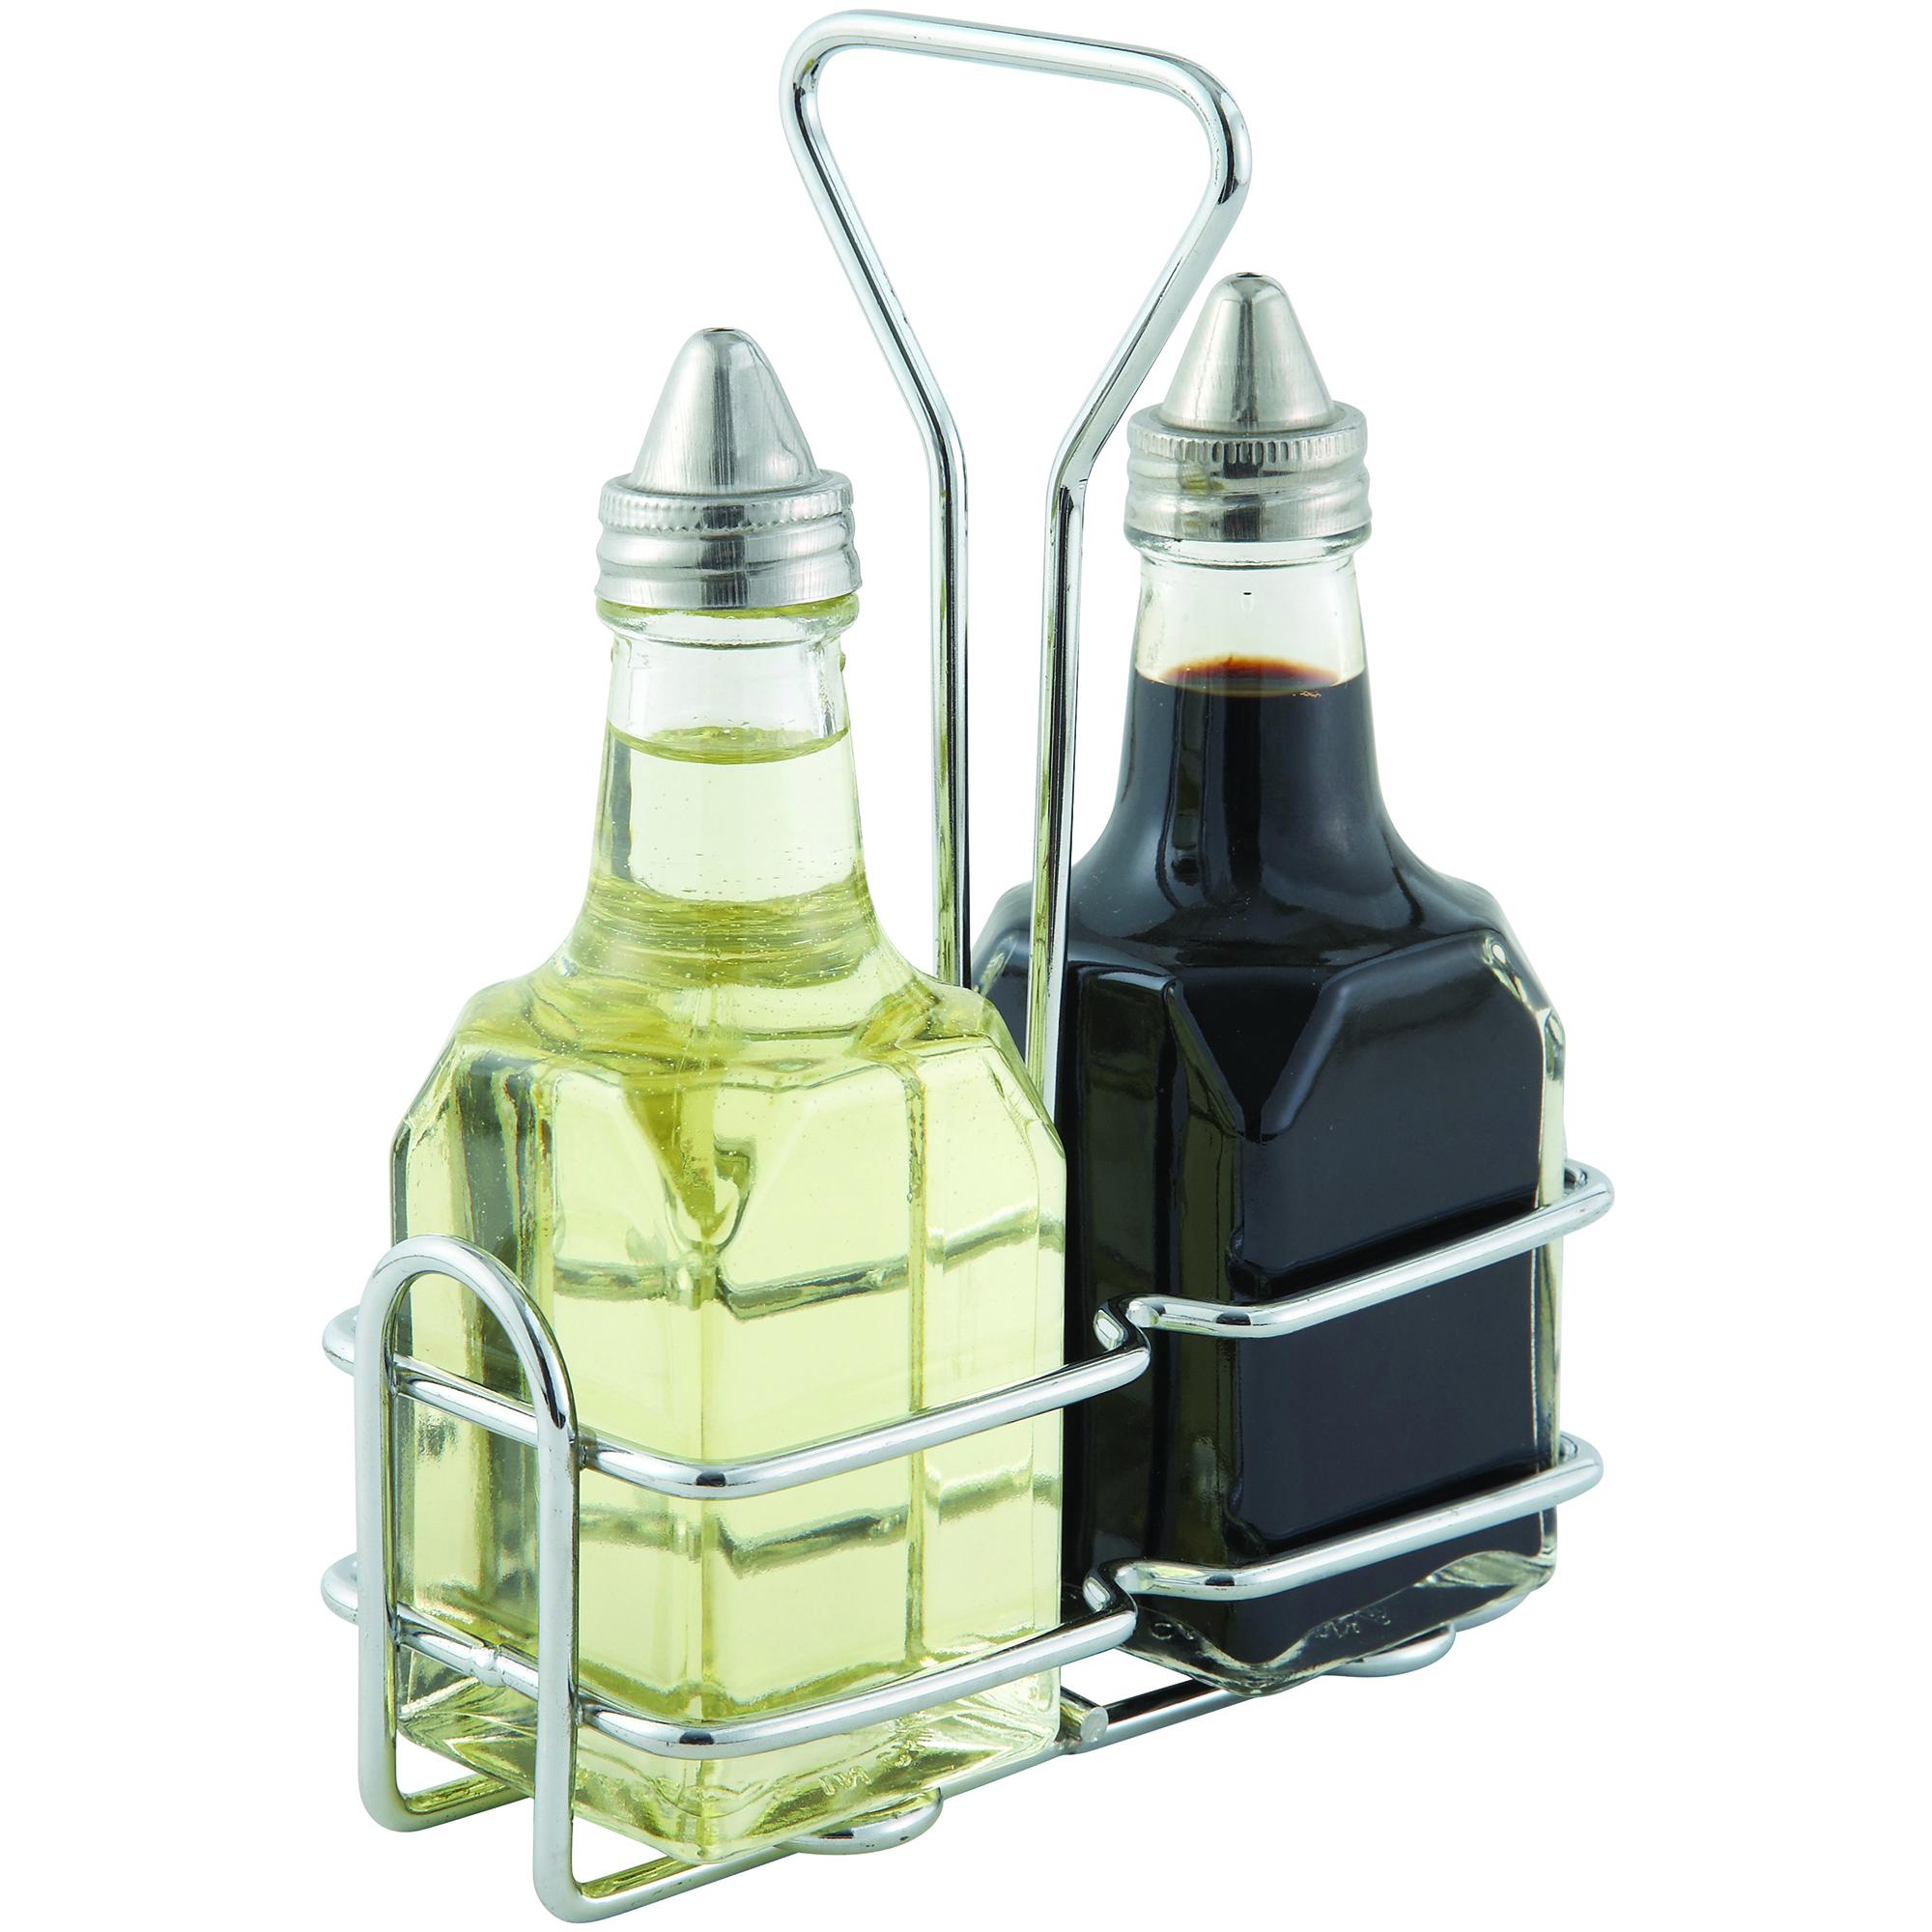 Winco G-104S oil & vinegar cruet set